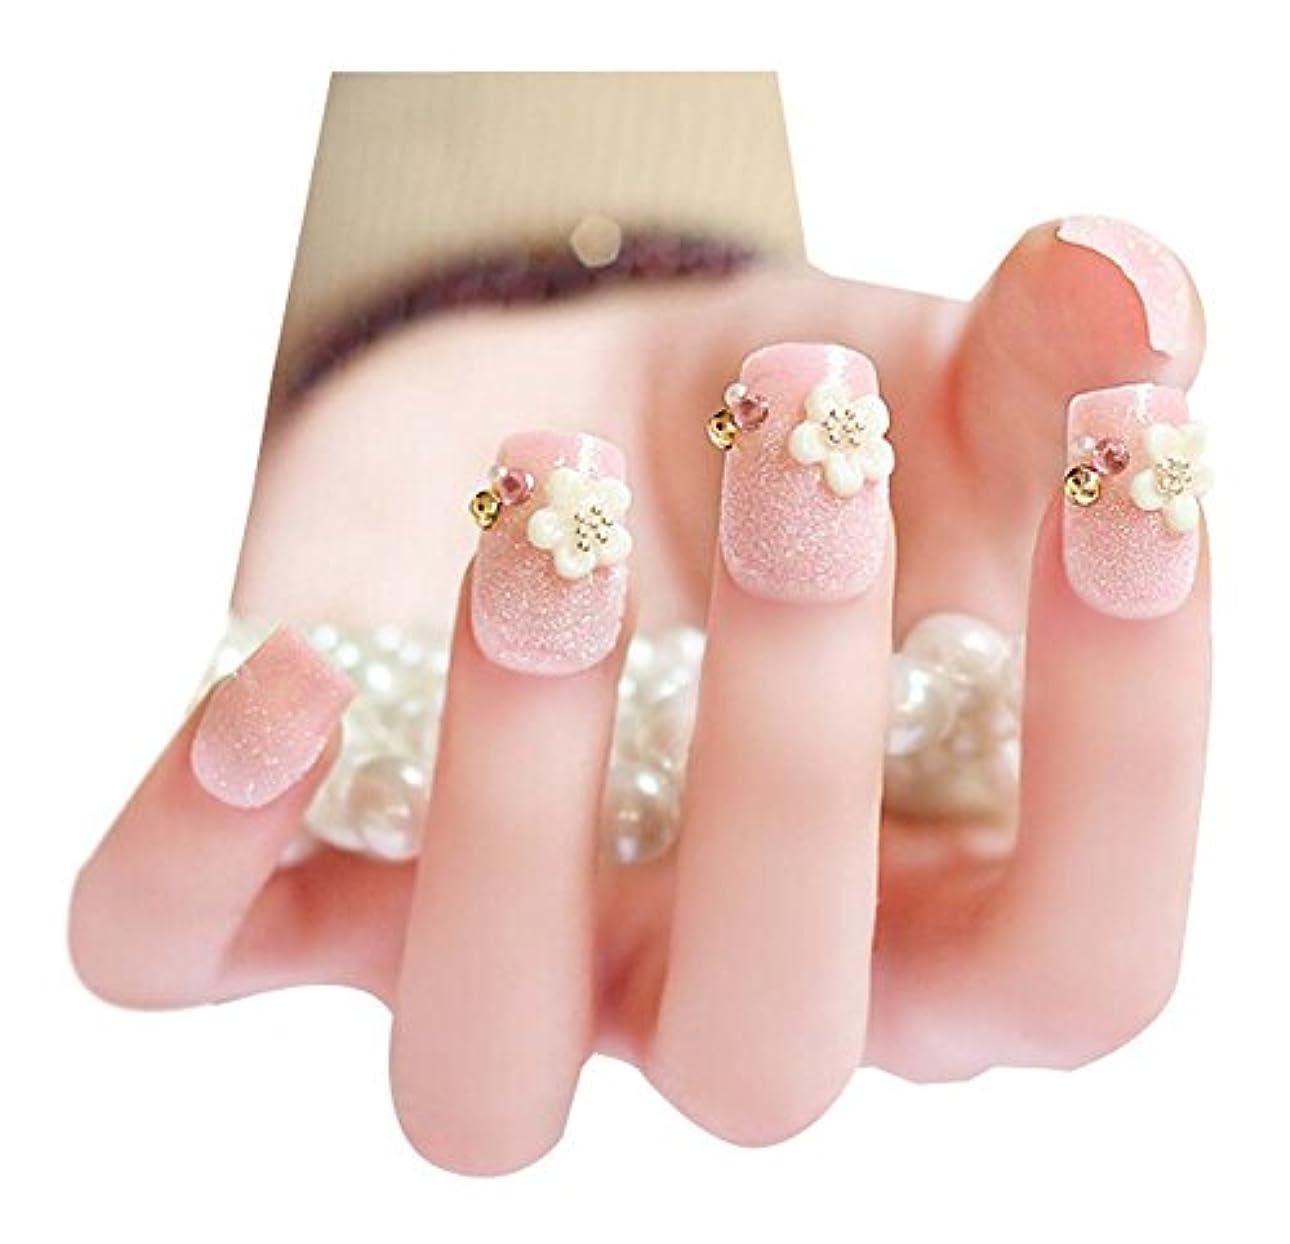 に付ける外交征服する素敵なピンクのビーズの花DIY 3Dの偽の釘の結婚式の偽のネイルアート、2パック - 48枚